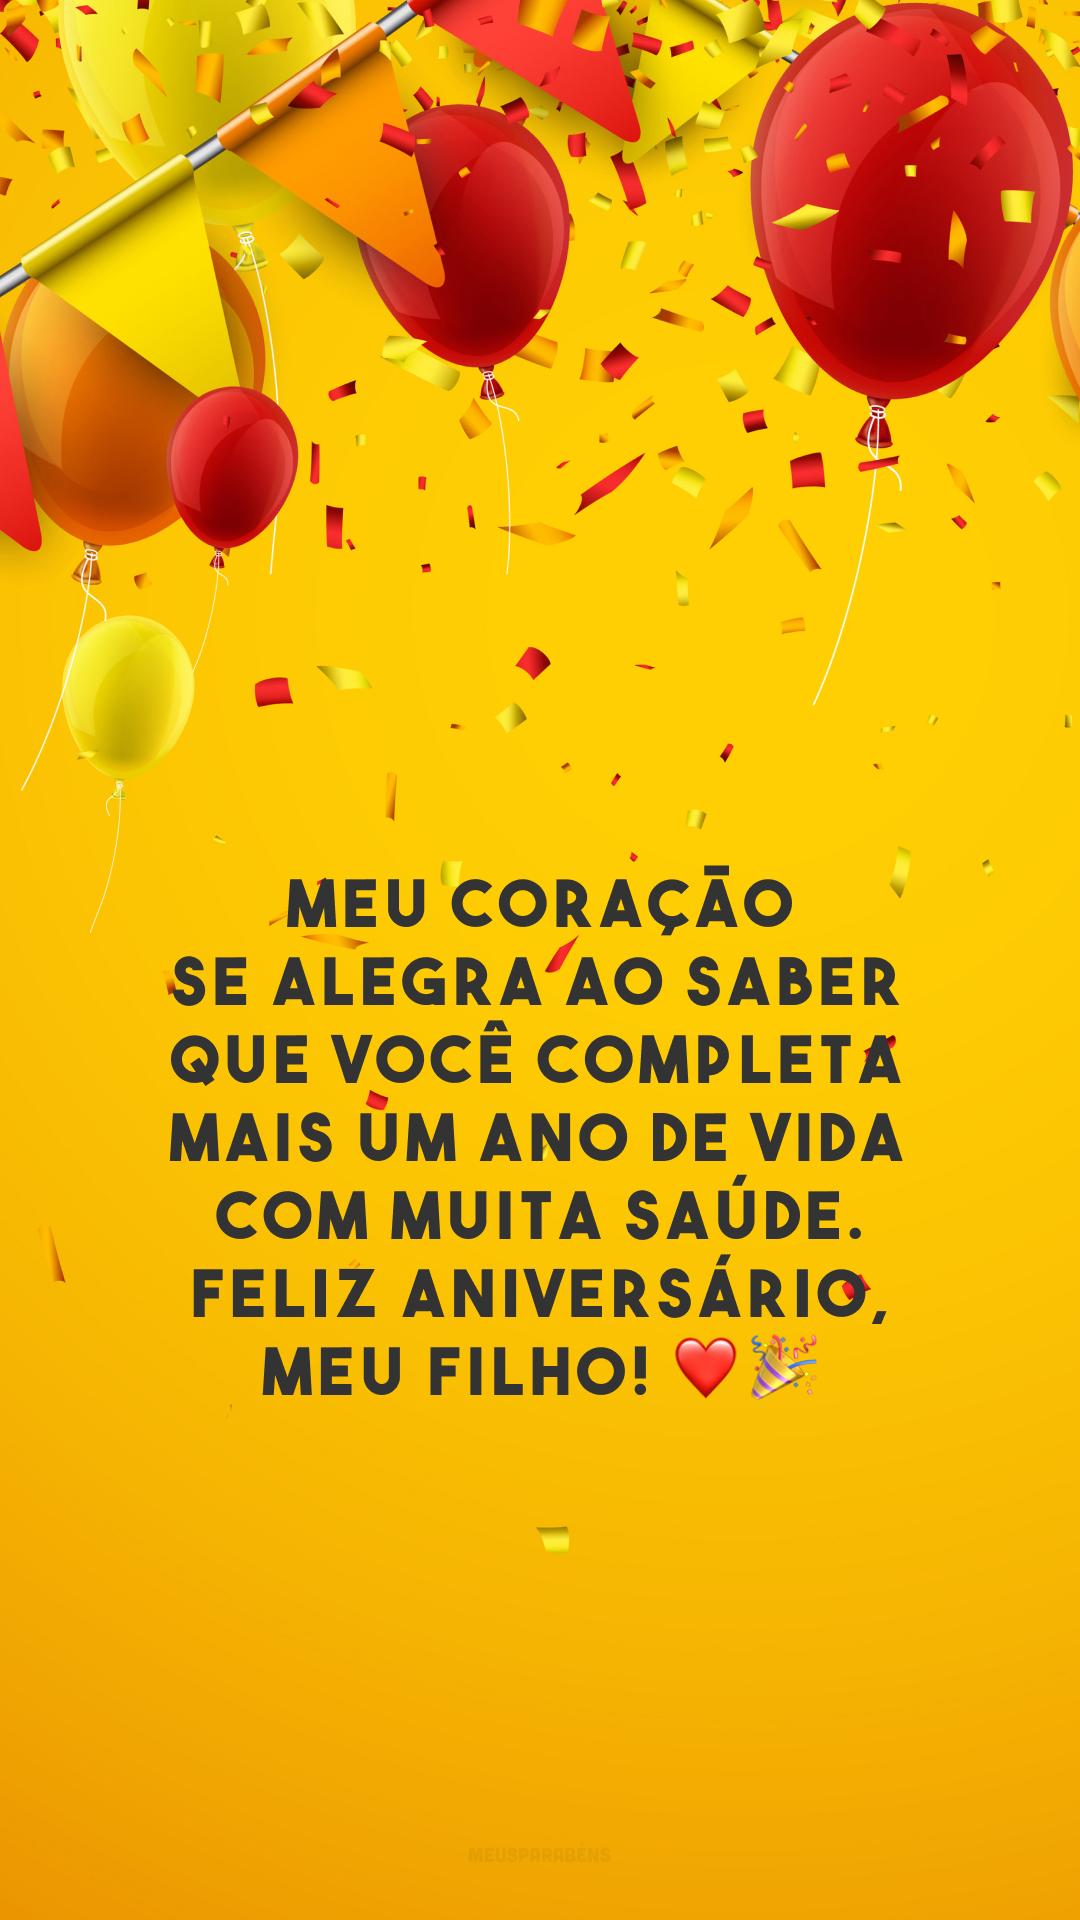 Meu coração se alegra ao saber que você completa mais um ano de vida com muita saúde. Feliz aniversário, meu filho! ❤️🎉